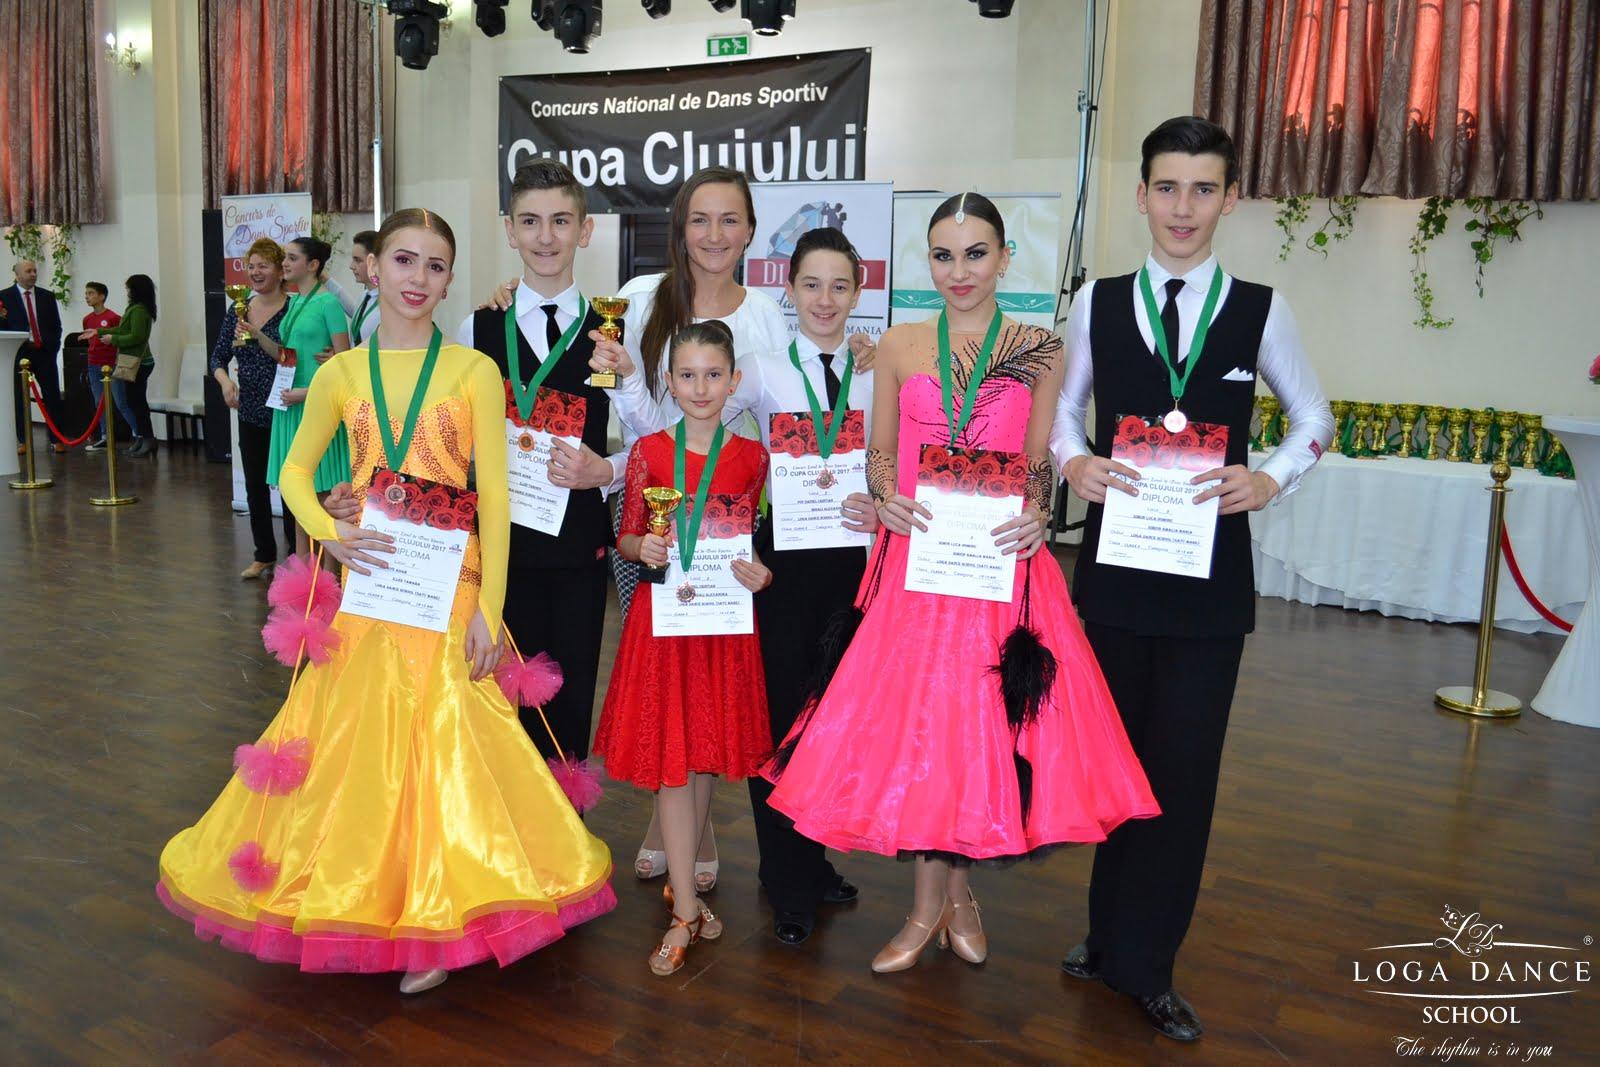 Loga Dance School s-a întors cu șapte medalii de la Cupa Clujului